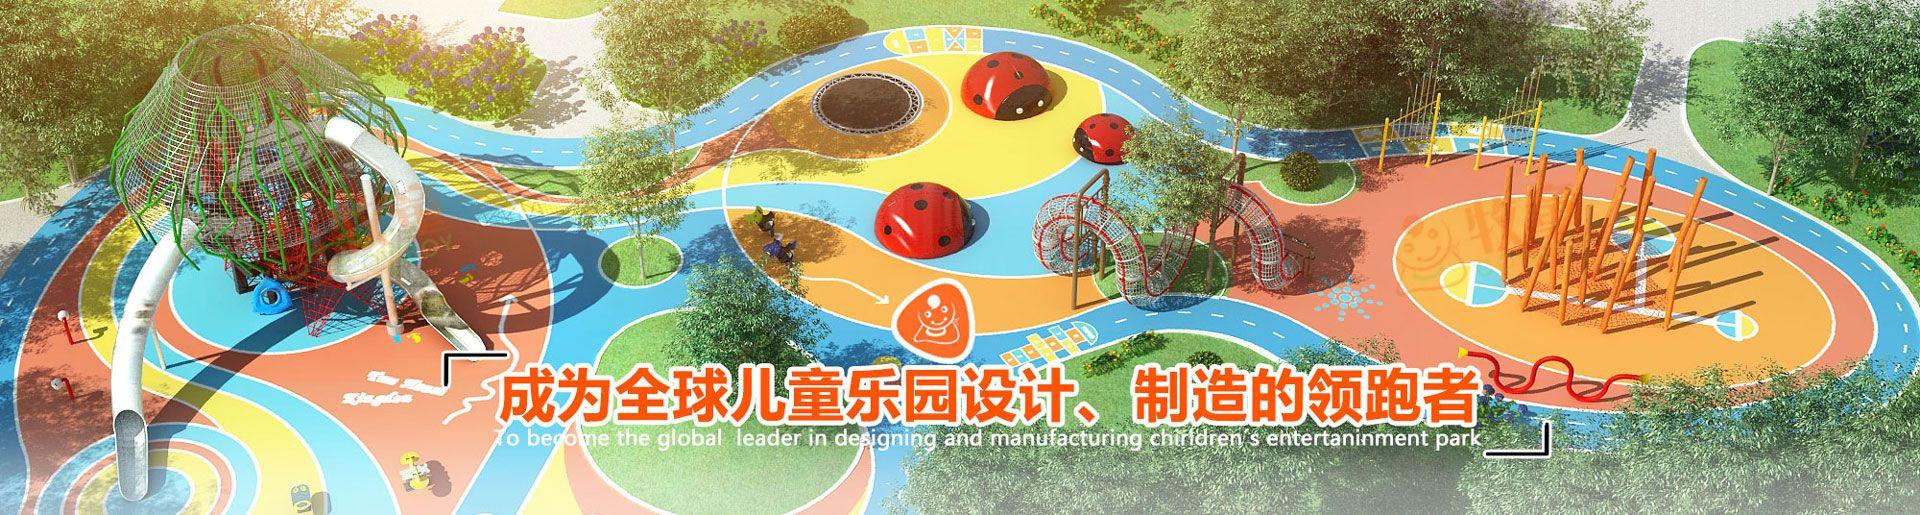 广东牧童实业有限公司